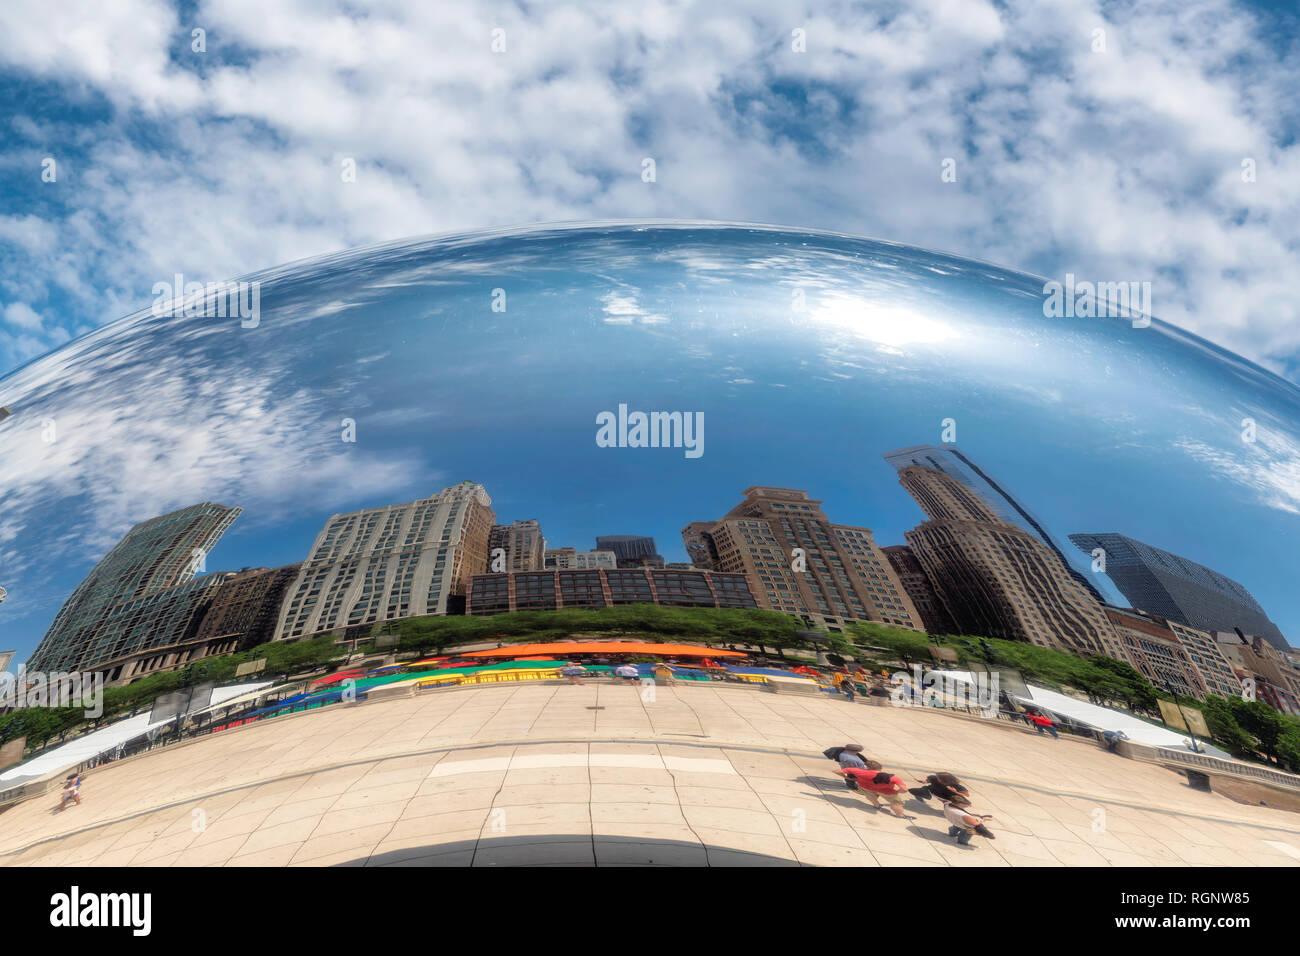 Réflexion d'un des bâtiments de Chicago dans un miroir de Chicago Bean, le Millennium Park, Chicago Photo Stock